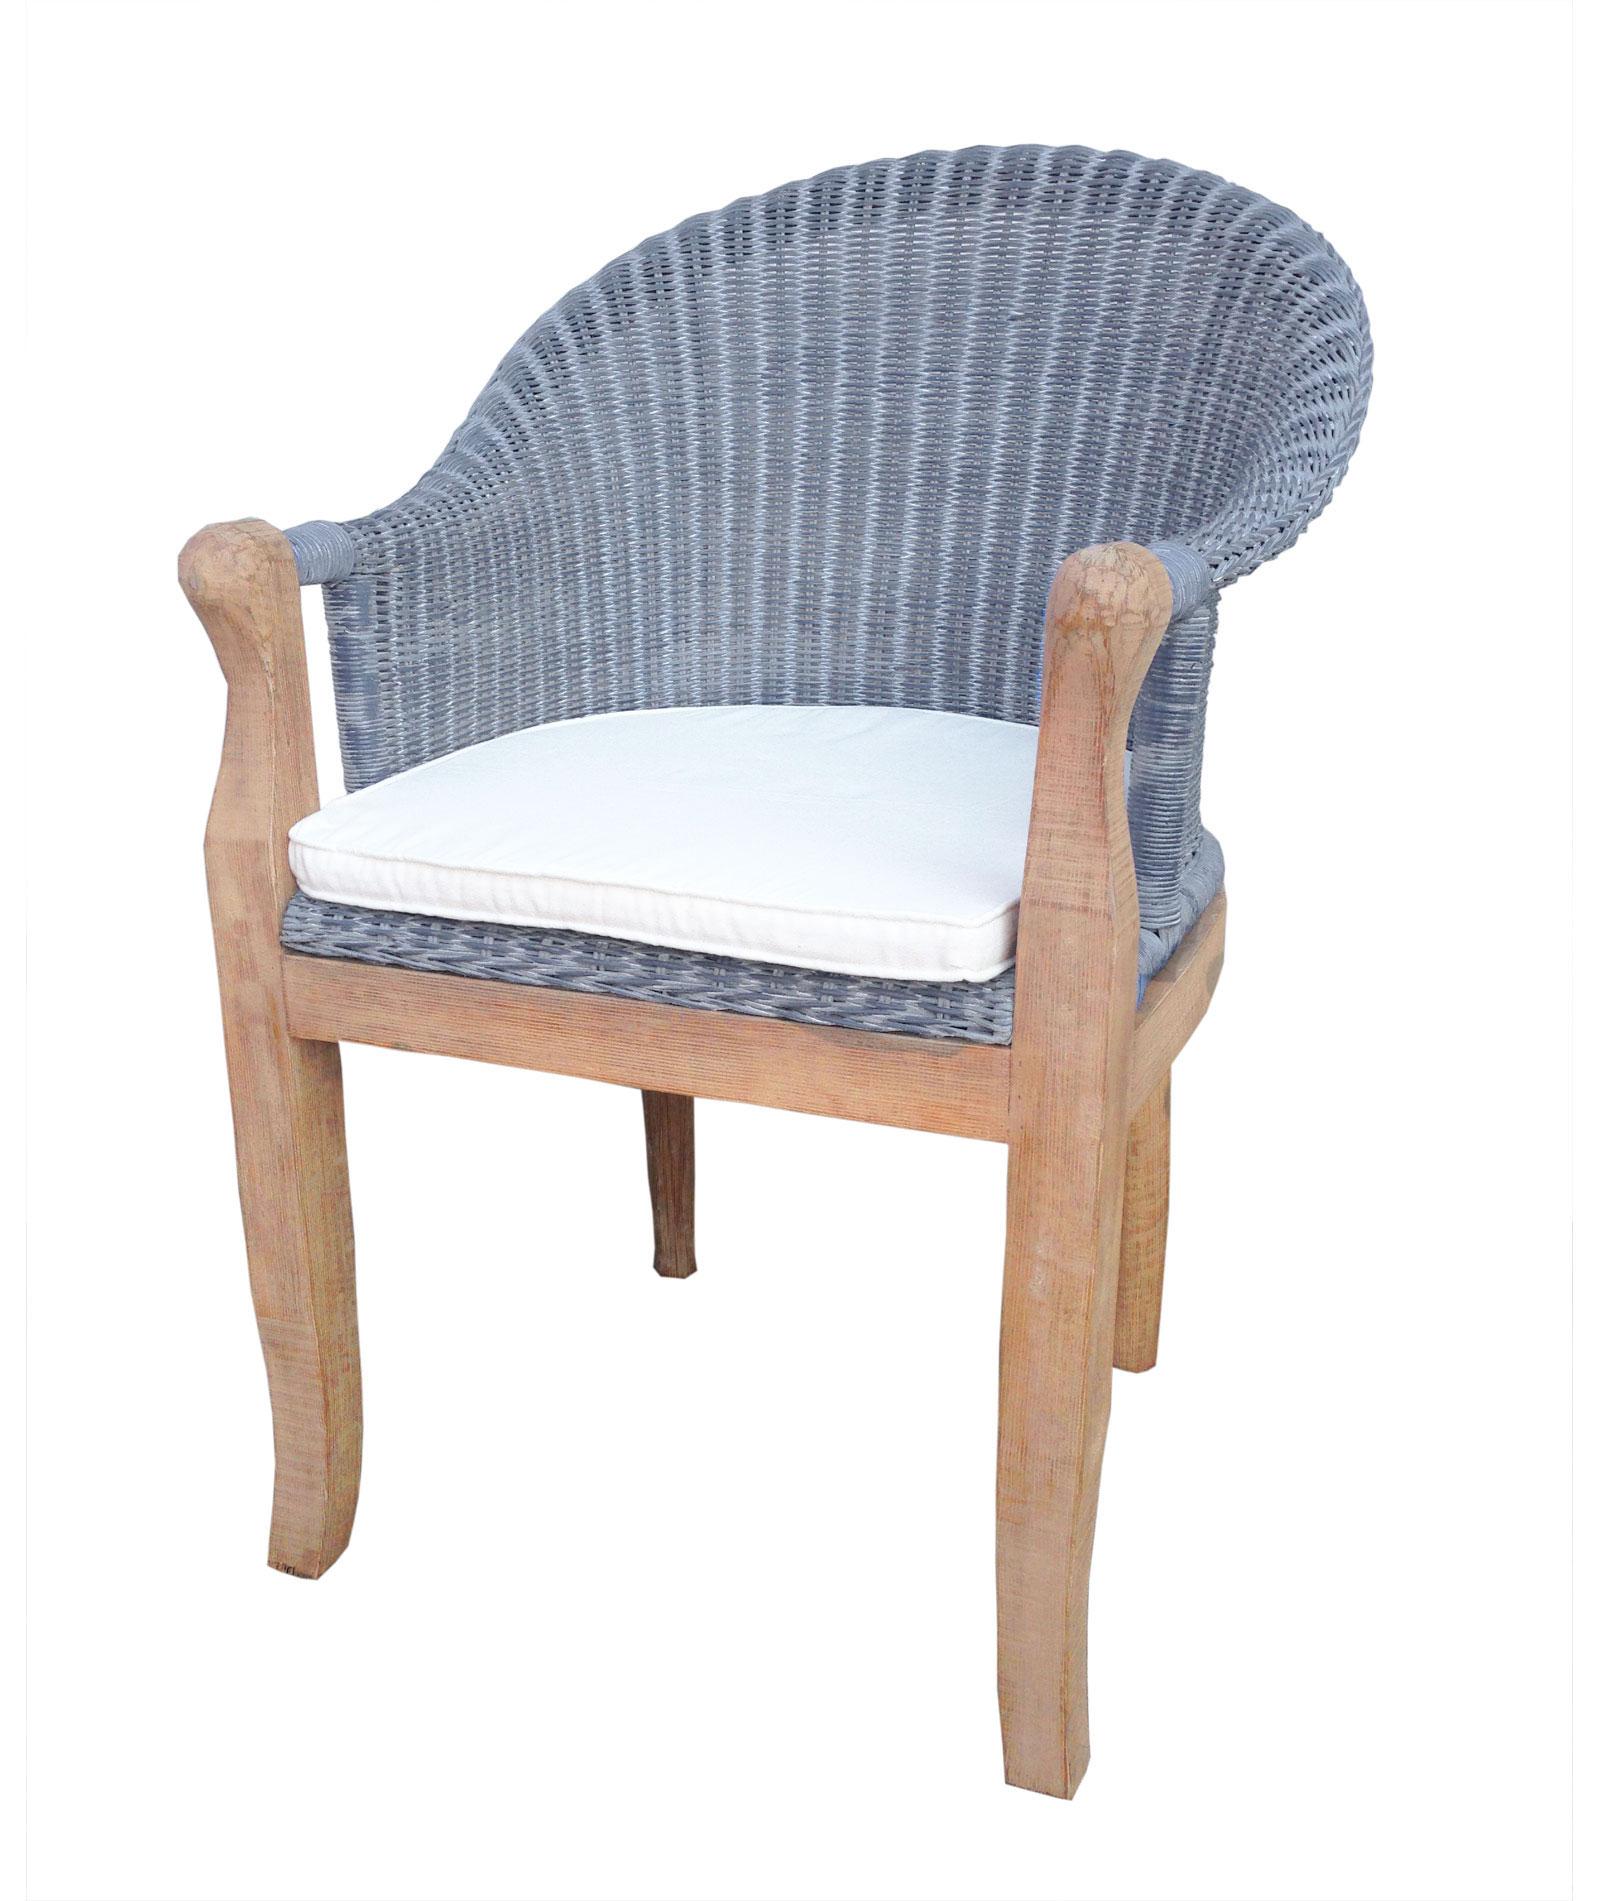 Stühle Rattan Esszimmer | Möbelideen Esszimmer Set Grau Weiss